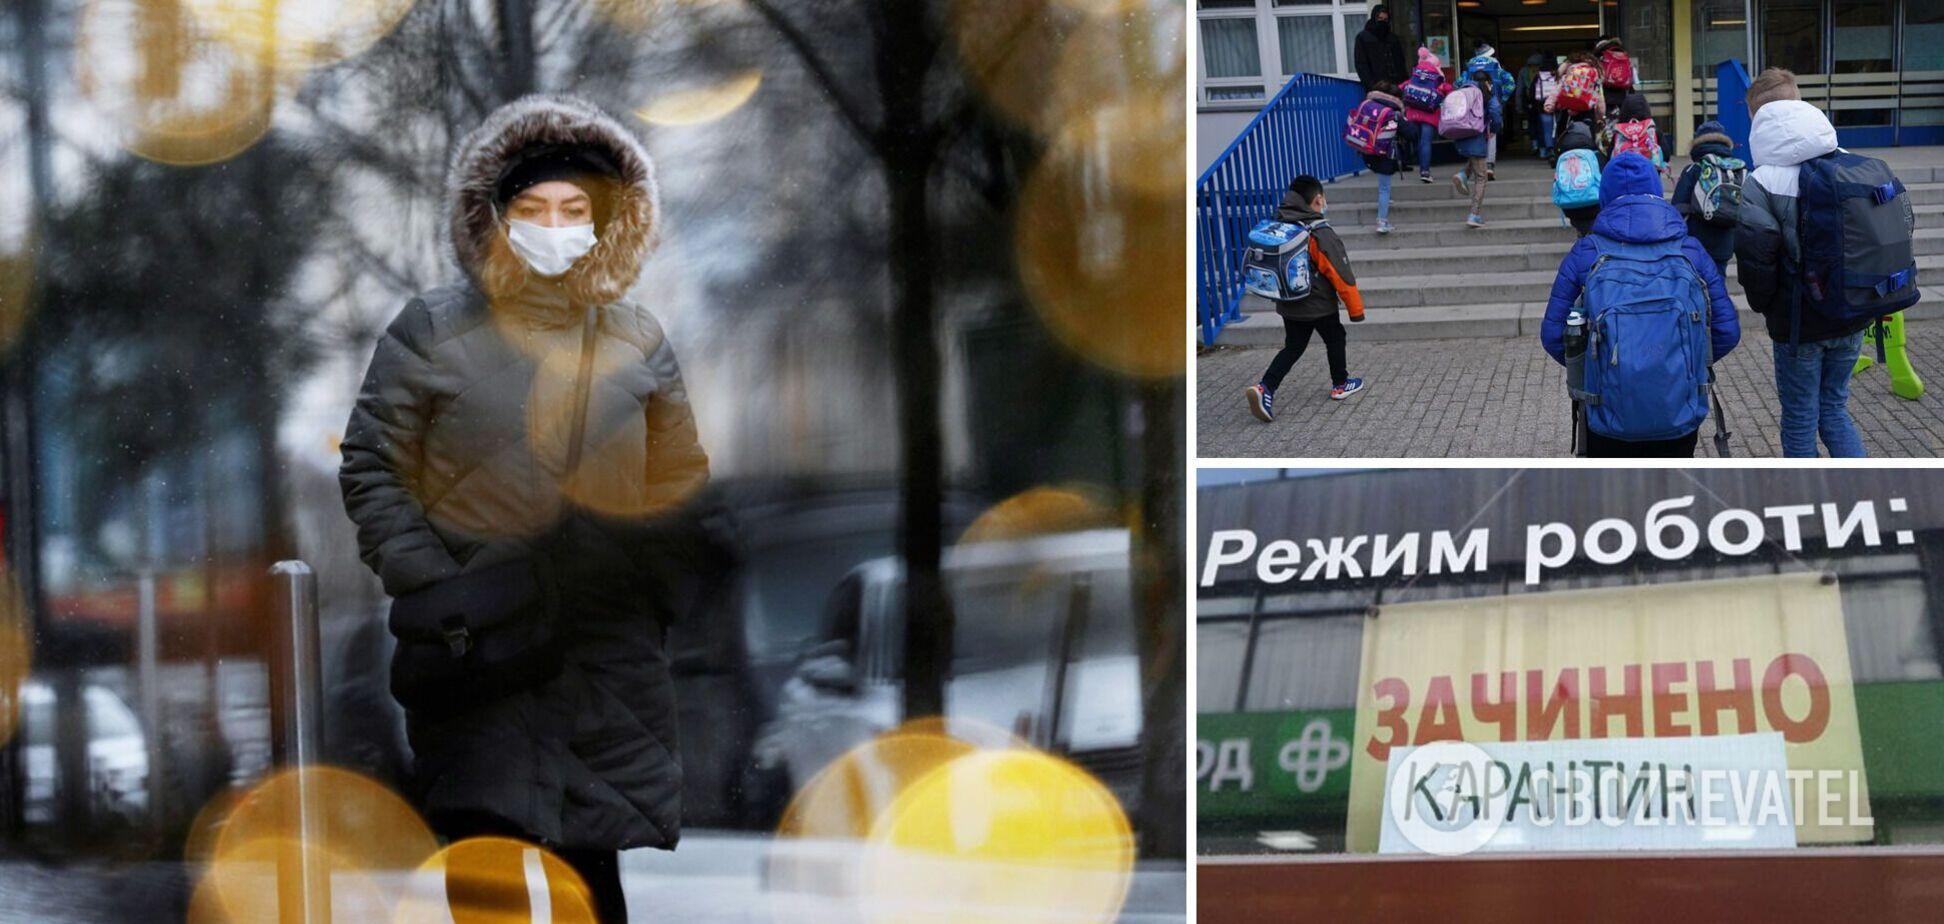 Если в Киеве не улучшится ситуация с COVID-19, то локдаун продлят до 10 мая, – Кличко